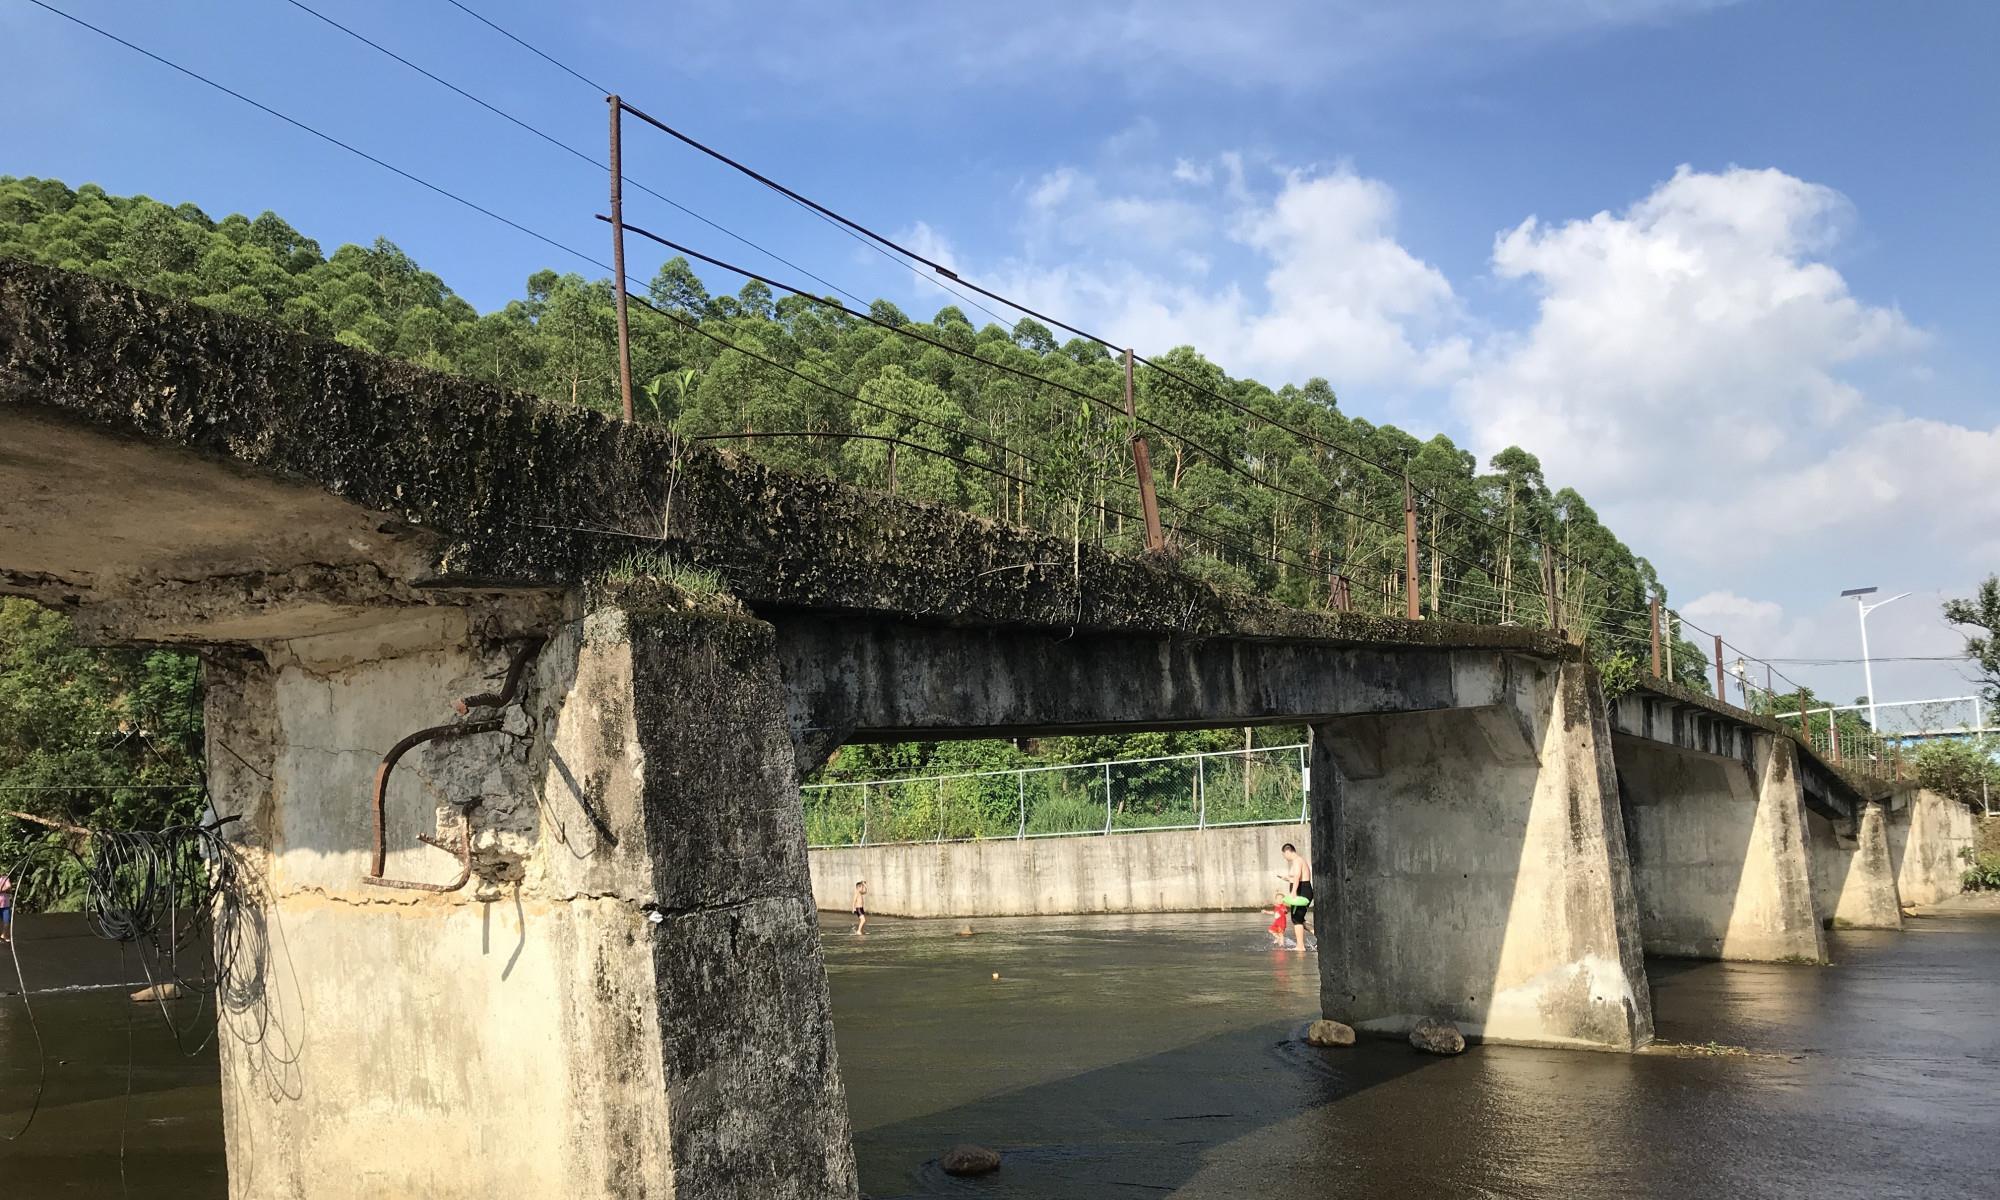 广东的断桥残雪!这里是深山田野小溪流 这是玩水的好地方